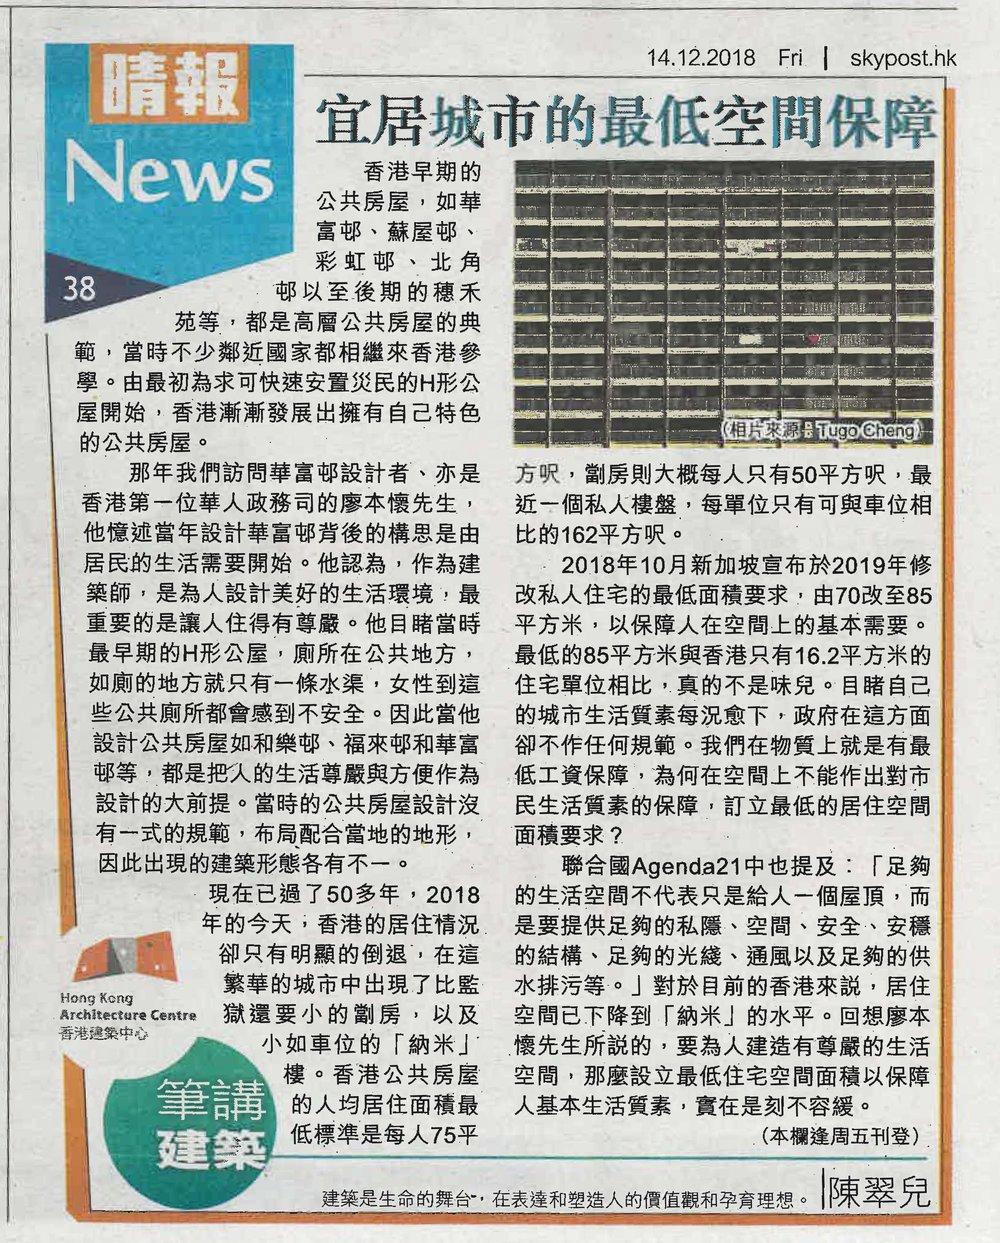 Skypost_181214_陳翠兒_宜居城市的最低空間保障_Resize.jpg